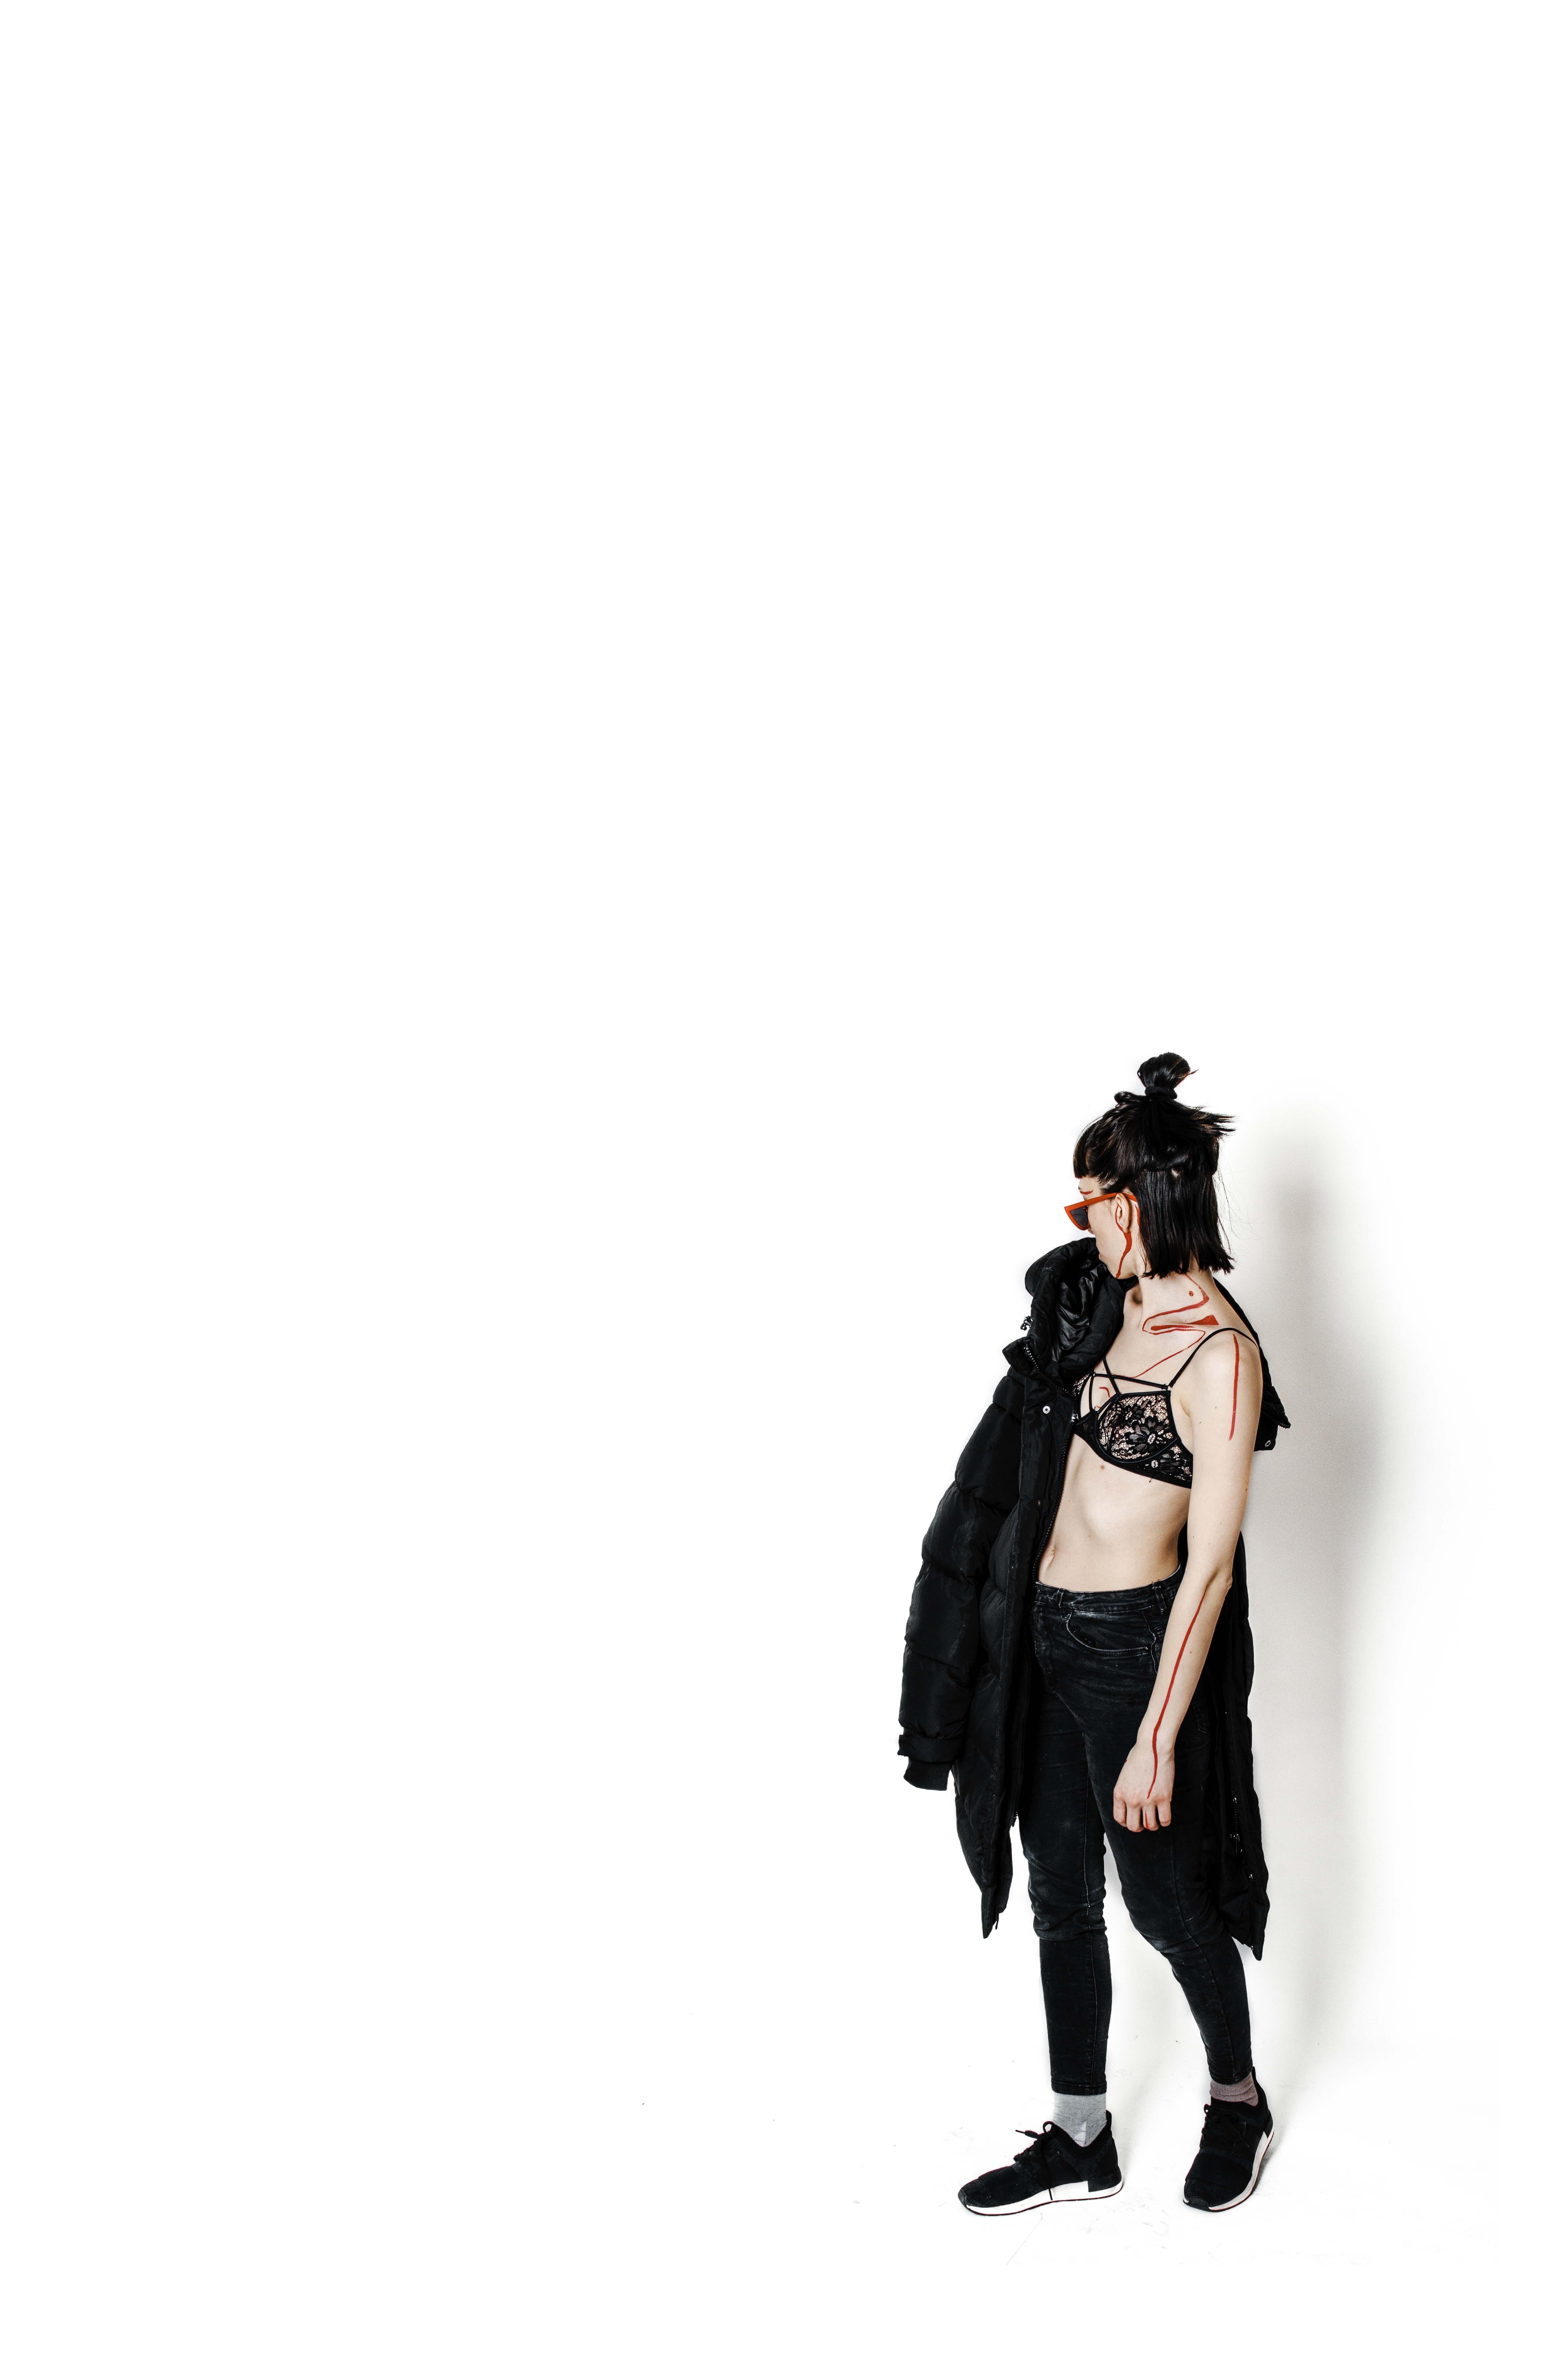 Go to Katarina Šikuljak's profile